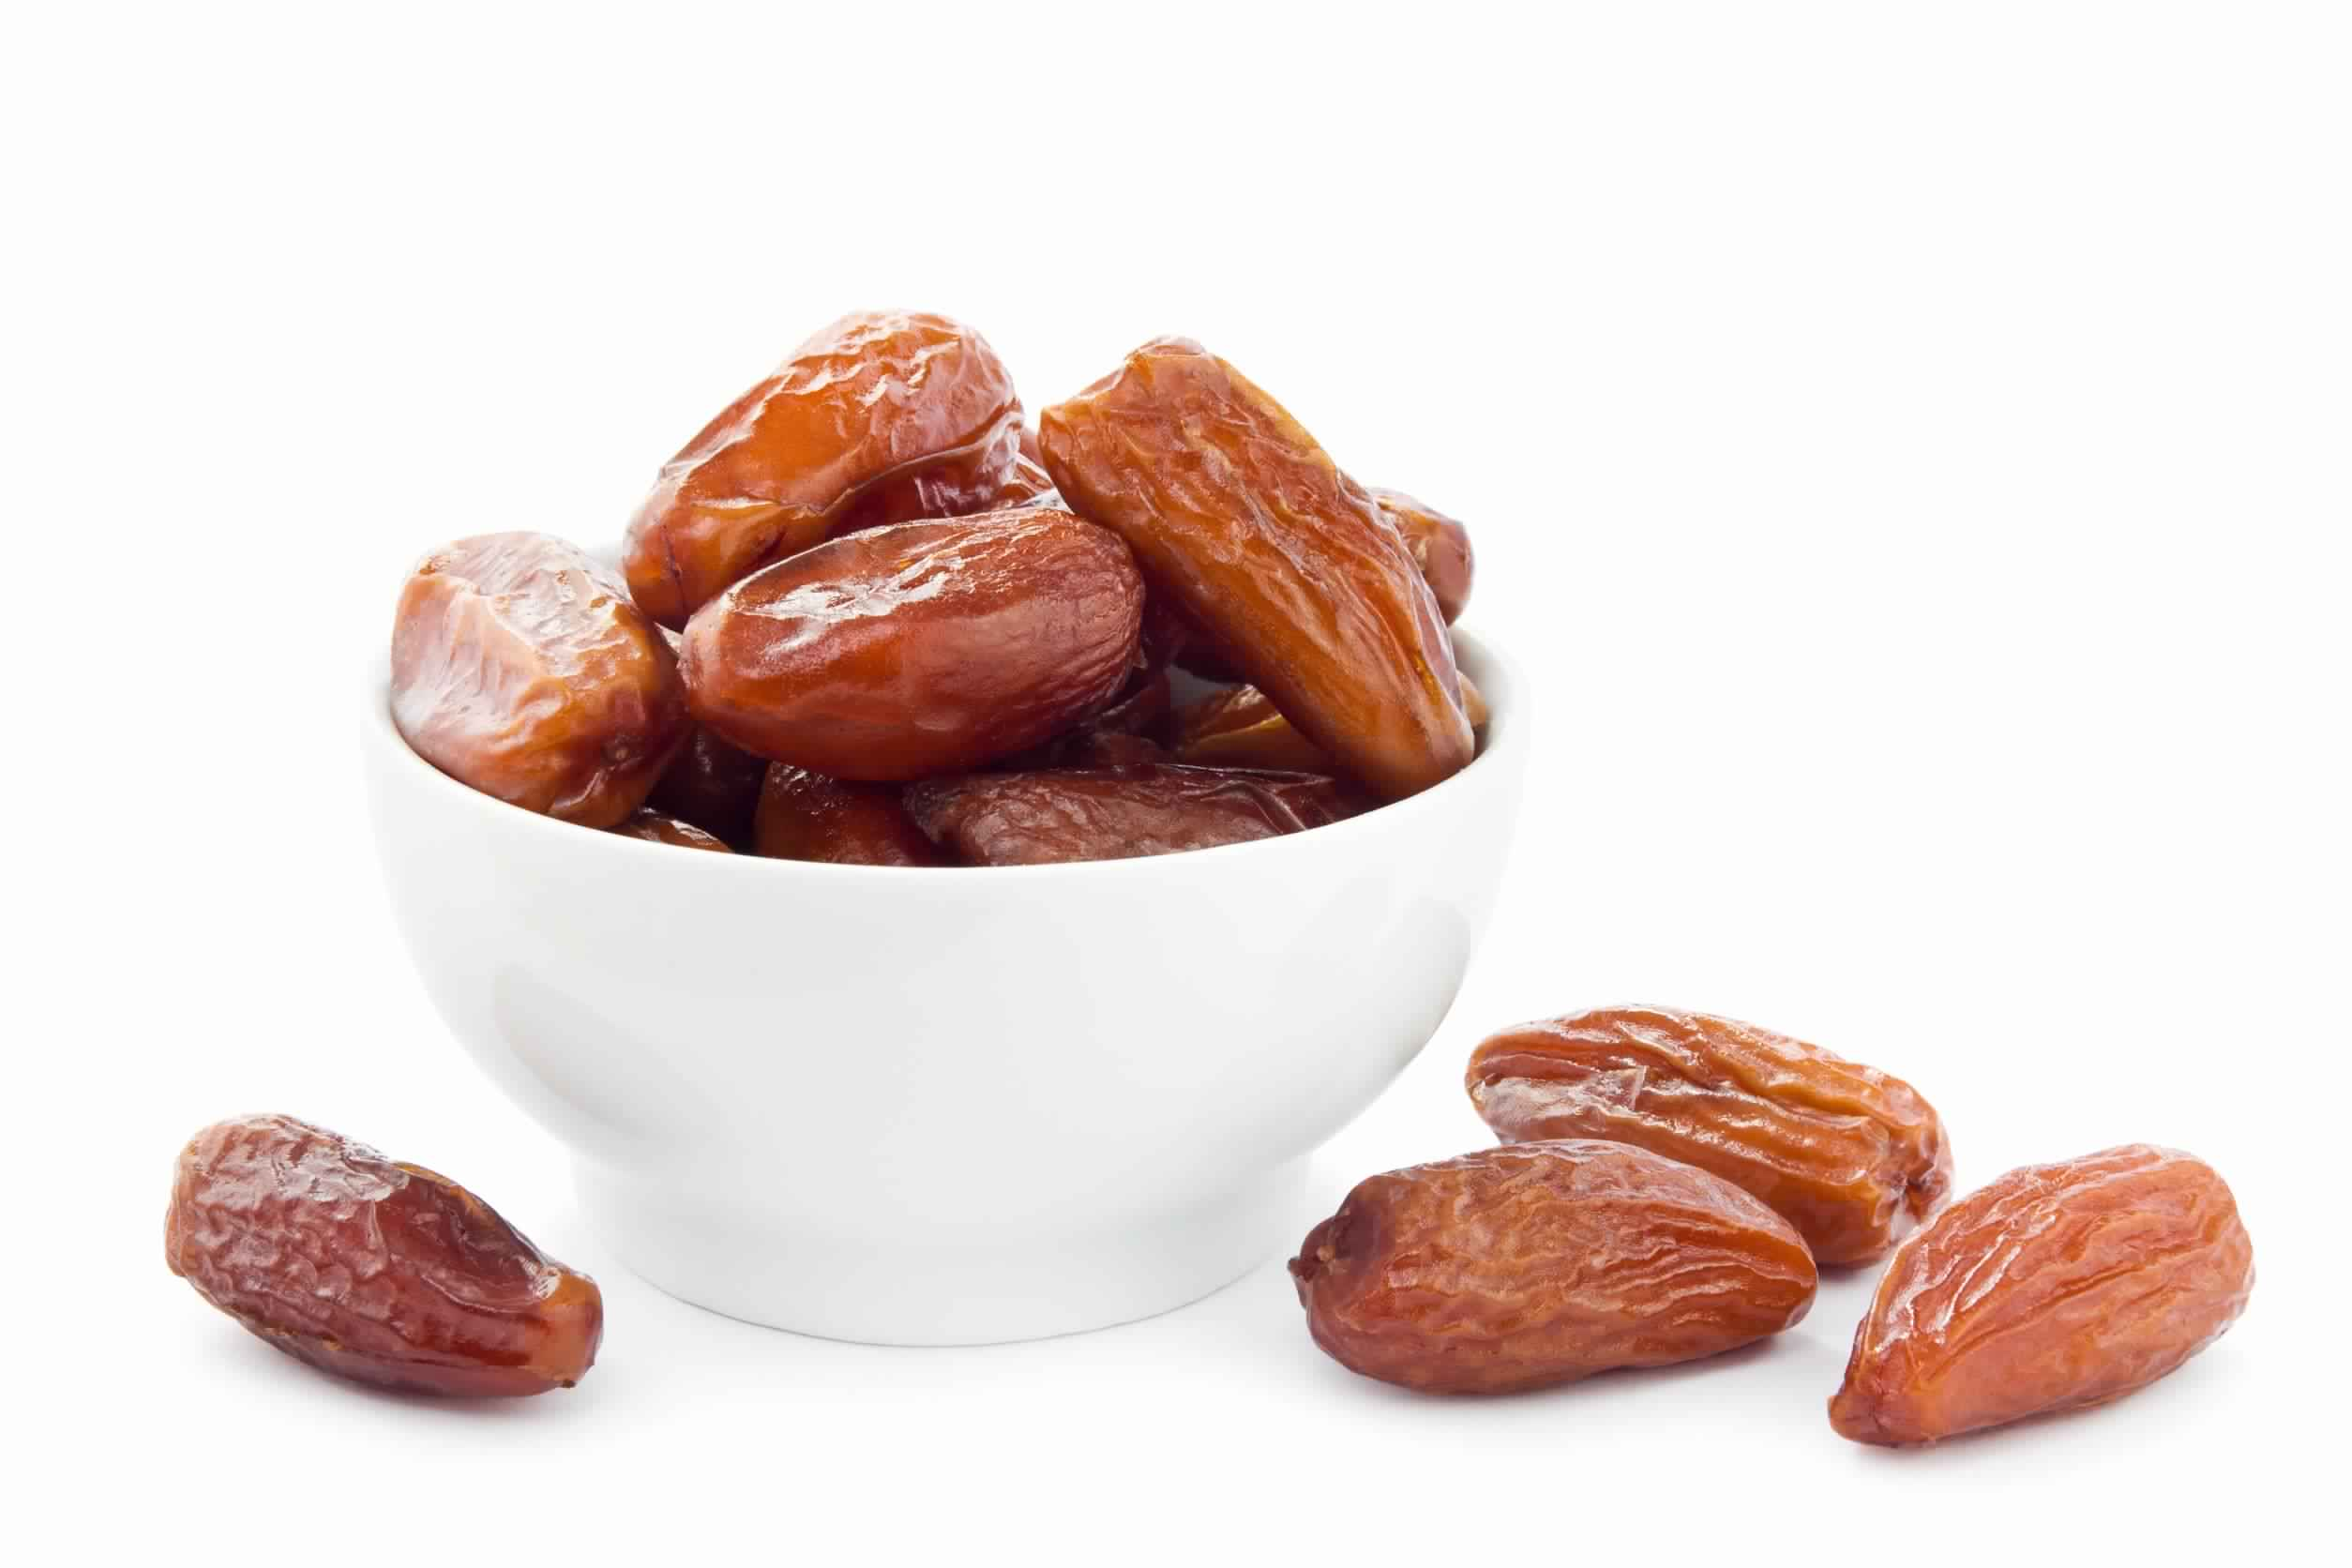 فوائد التمر للجسم رمضان